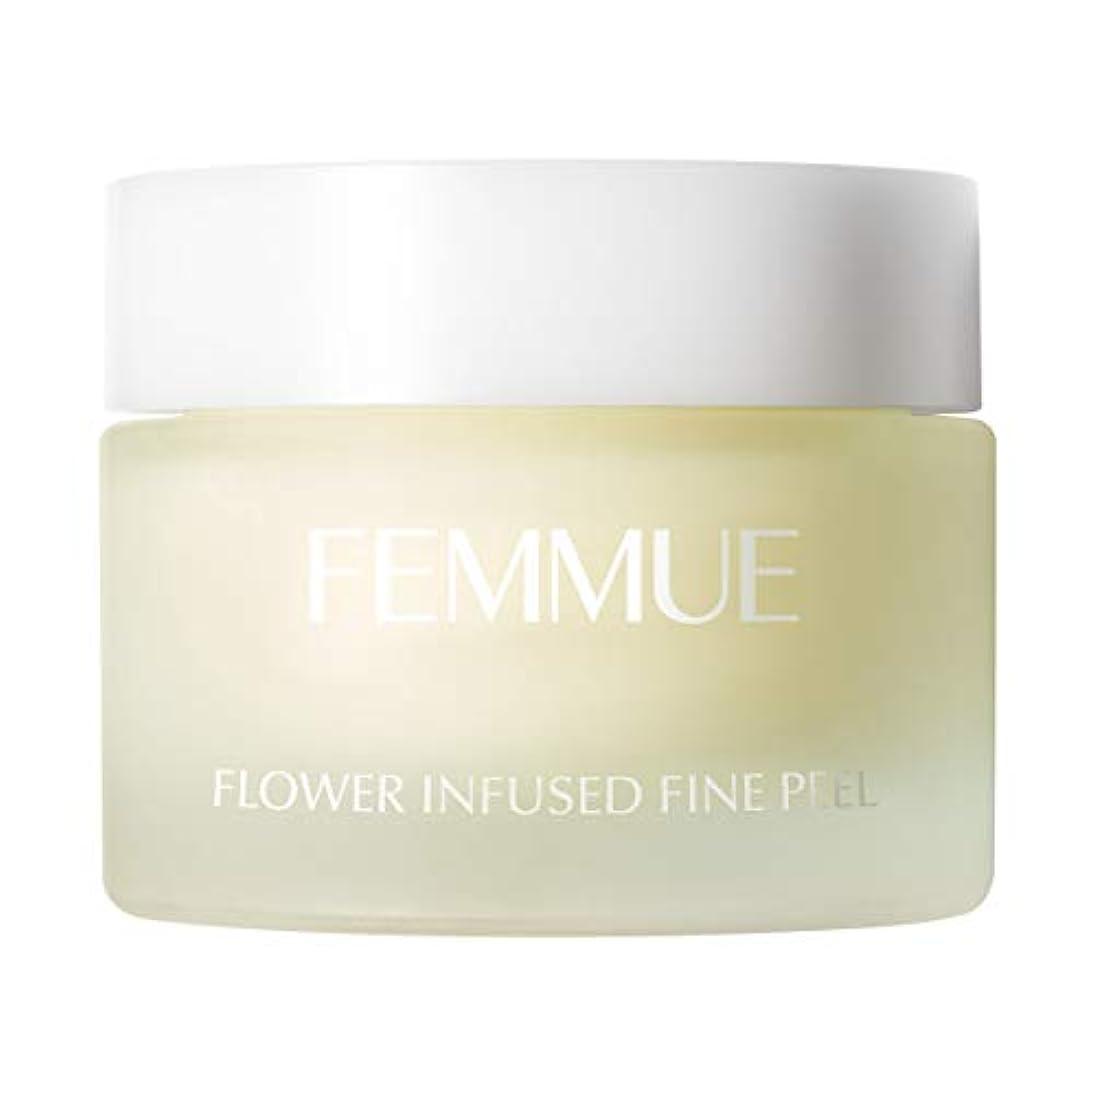 ペルメルフォーカス提案するFEMMUE(ファミュ) フラワーインフューズド ファインピール<角質ケアジェル>50g 日本正規品 洗顔 シダーウッド、ゼラニウム、白檀、ジャスミン